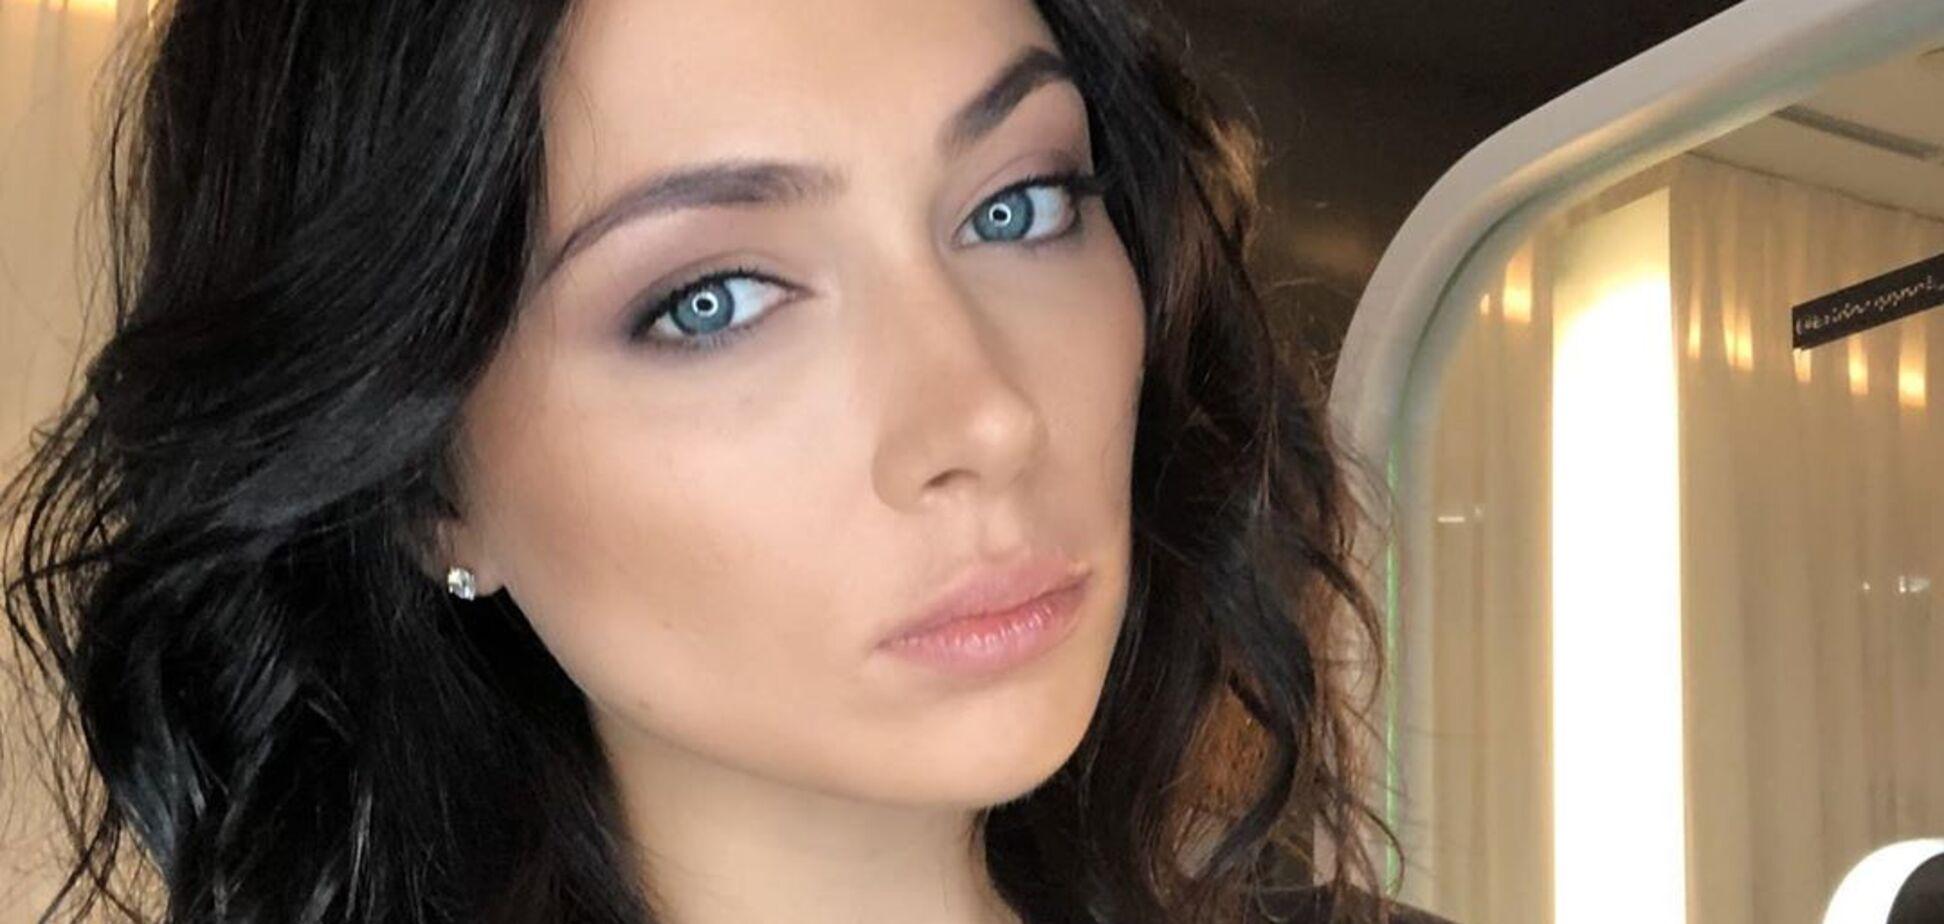 Самбурская резко ответила на травлю Тодоренко